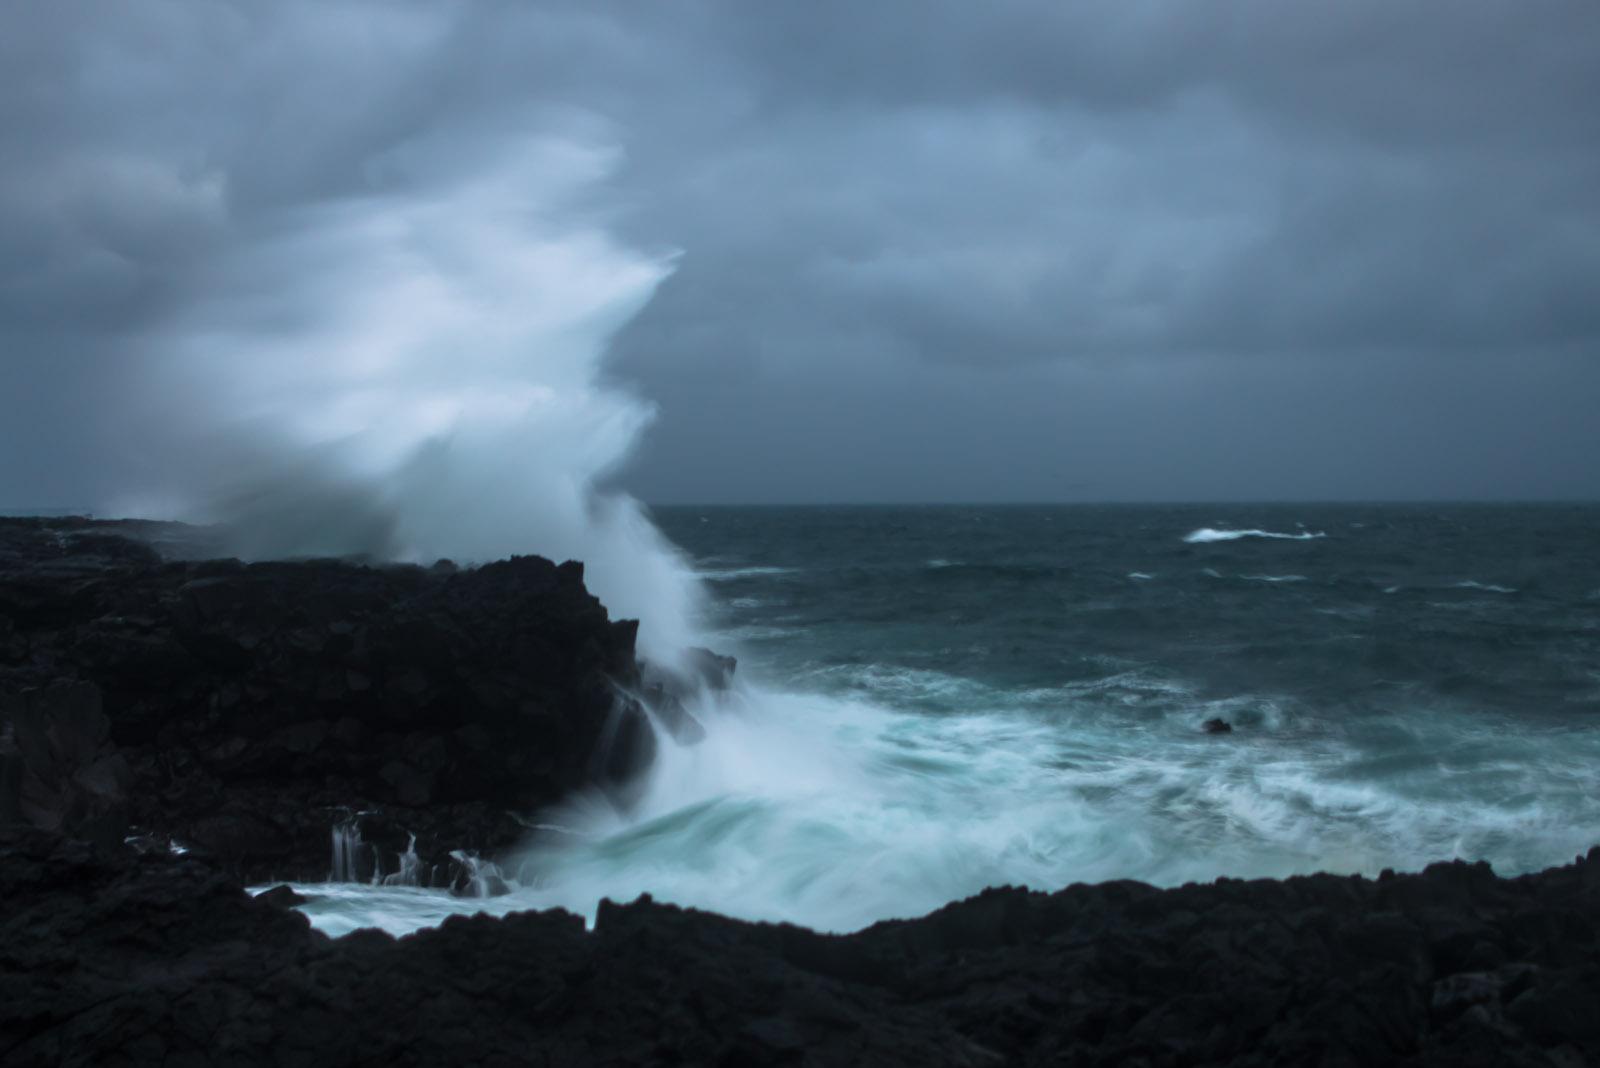 crashing waves | IEDEI